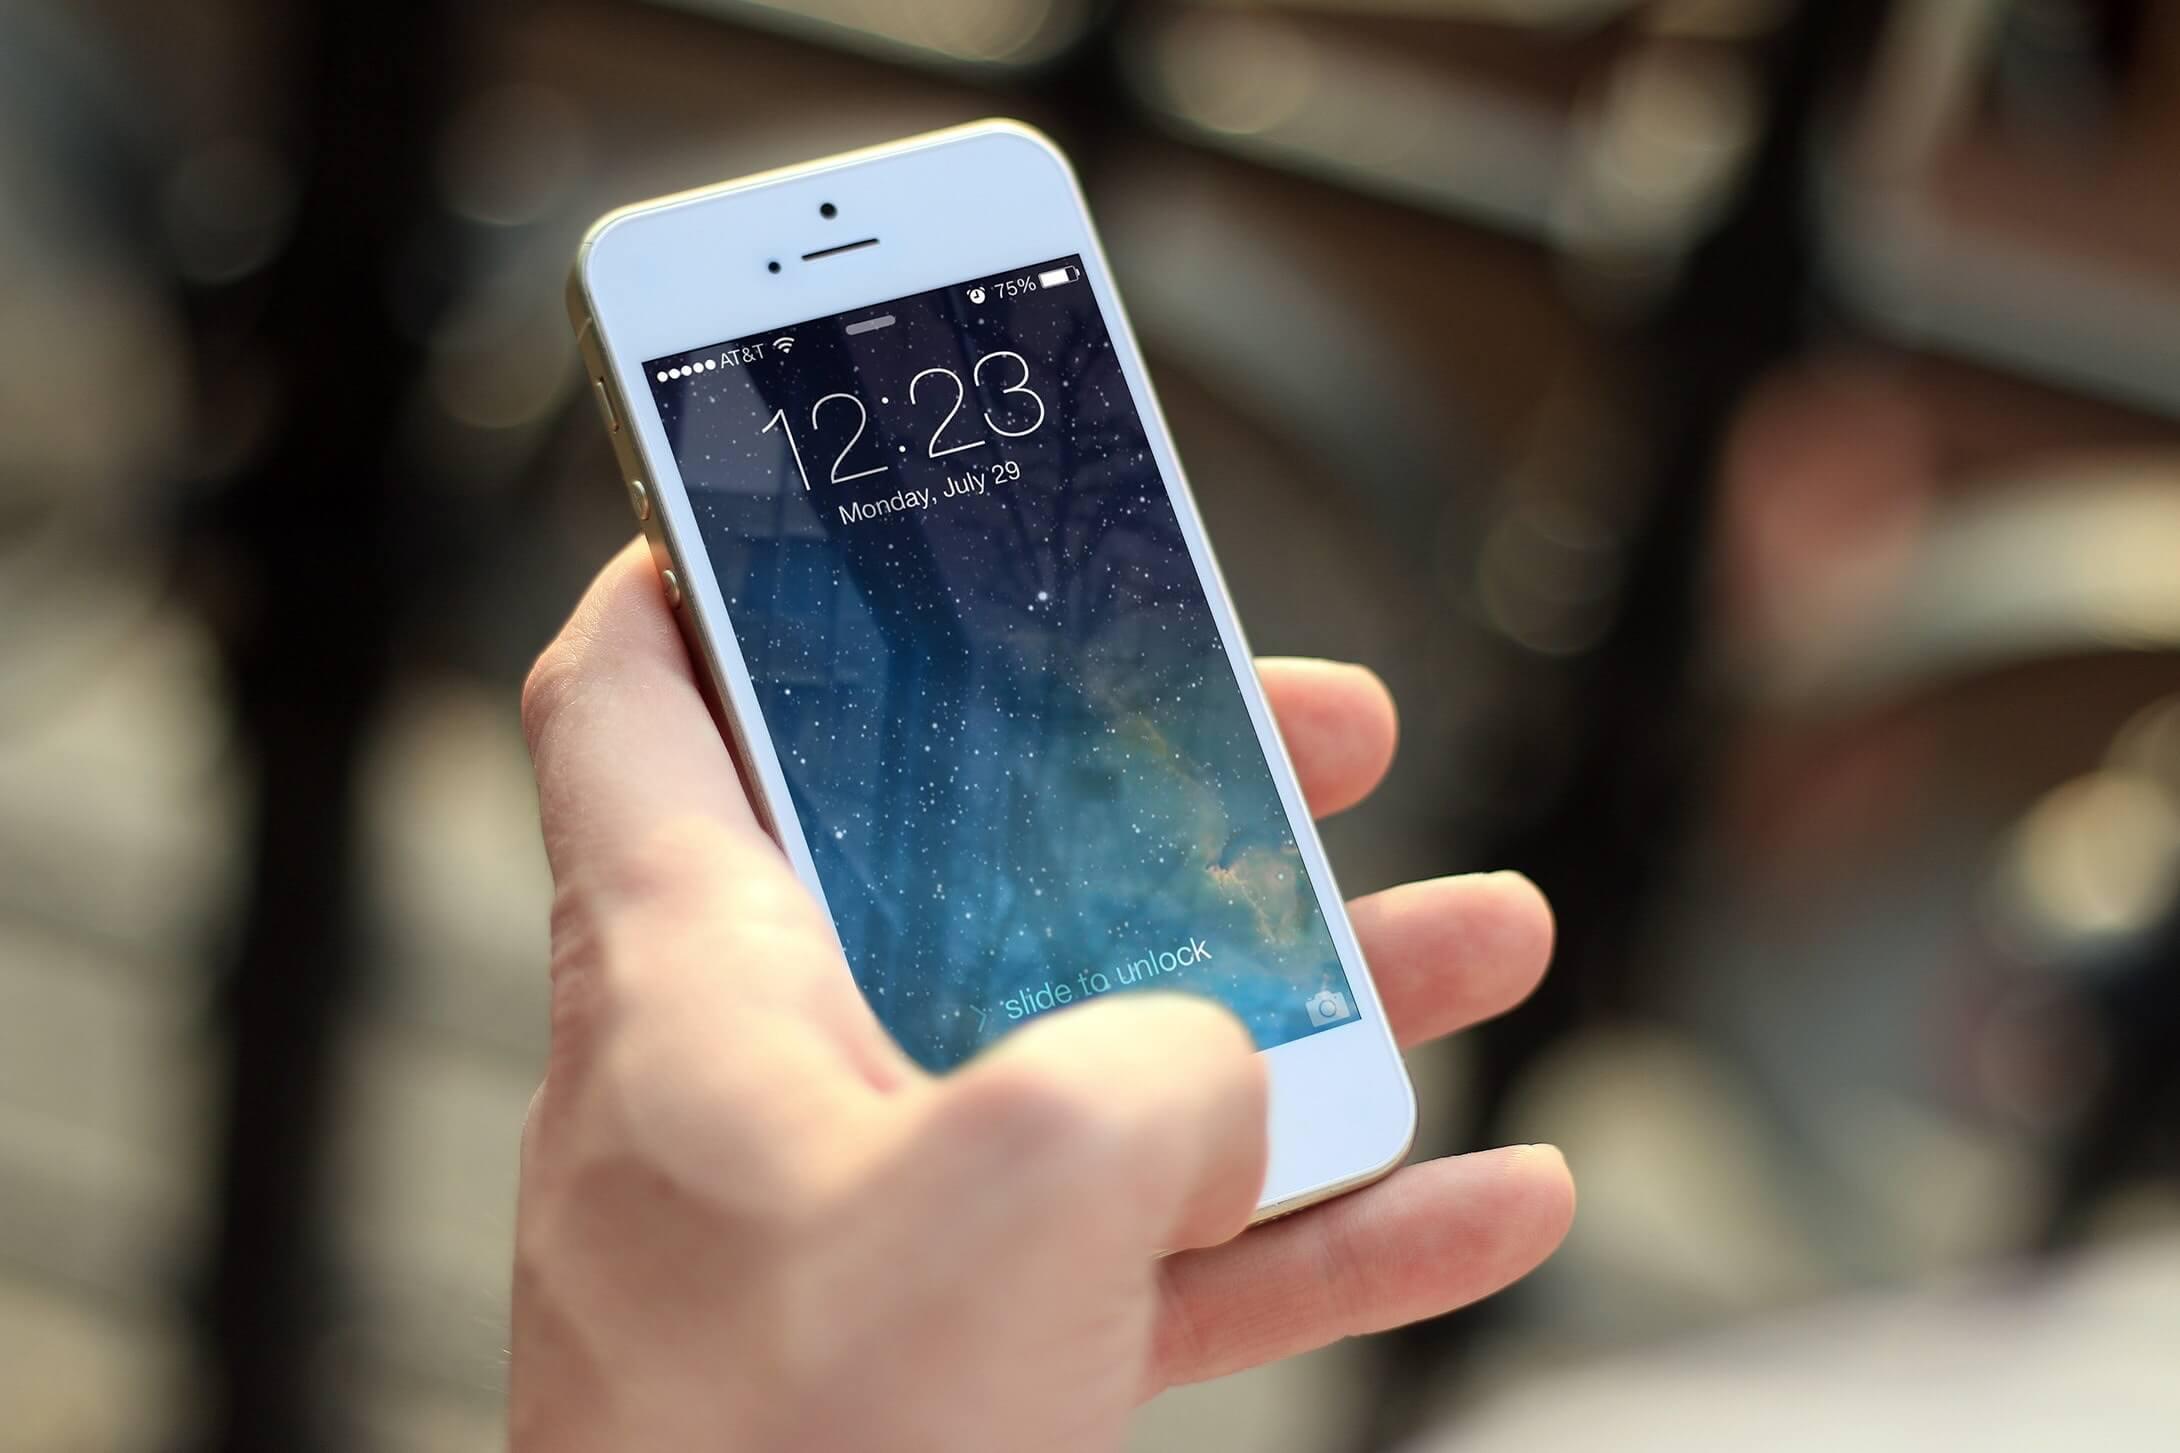 【純正/再生/コピー品】iPhone修理が安い理由は?交換ディスプレイの品質差異